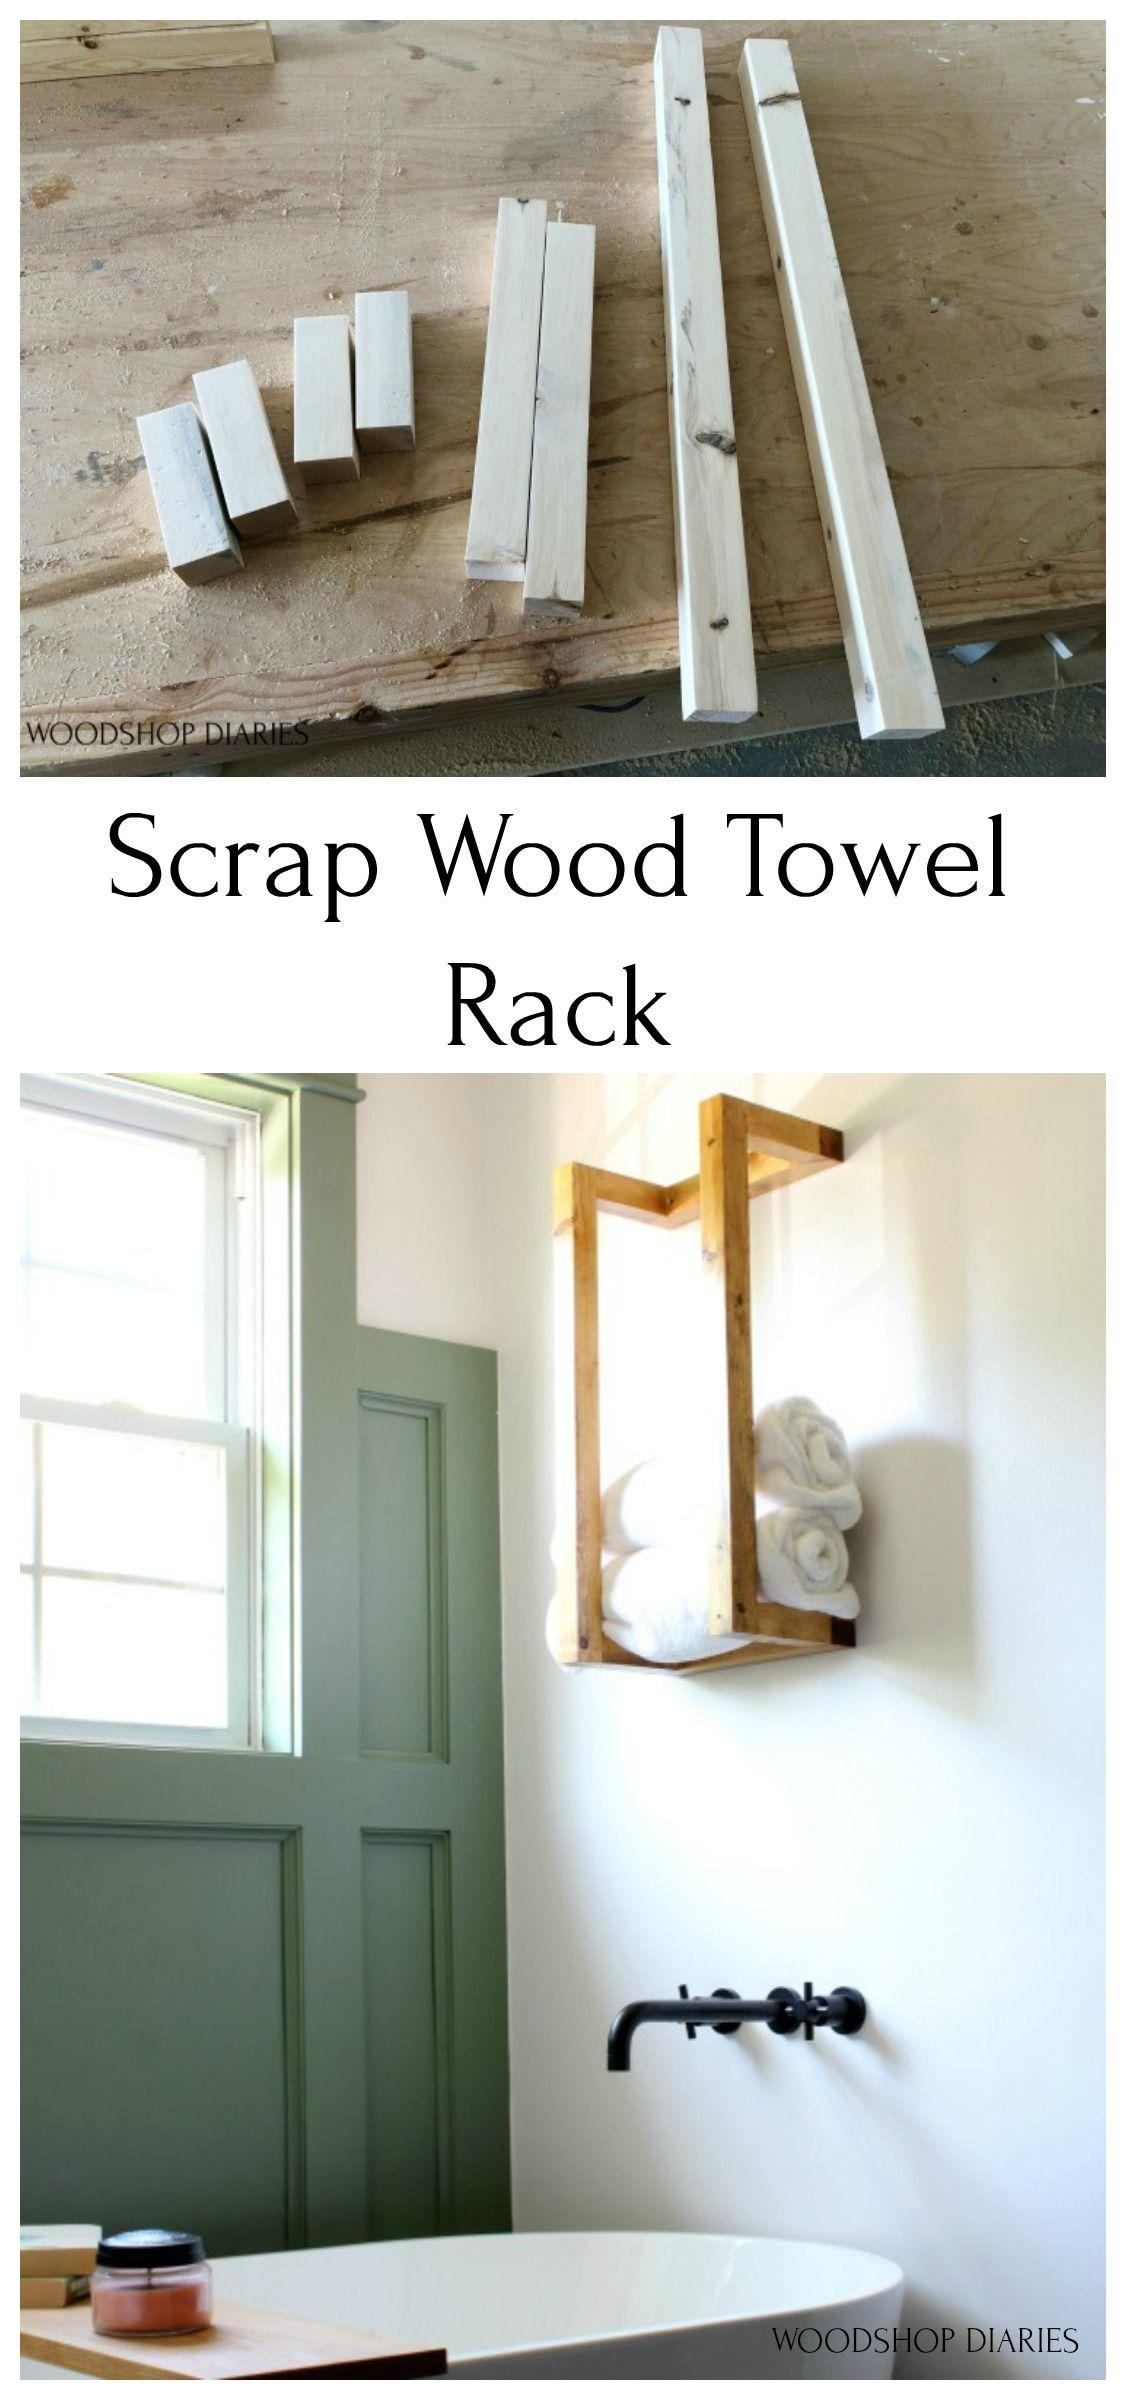 Scrap Wood Towel Rack--A 5 Minute Project!